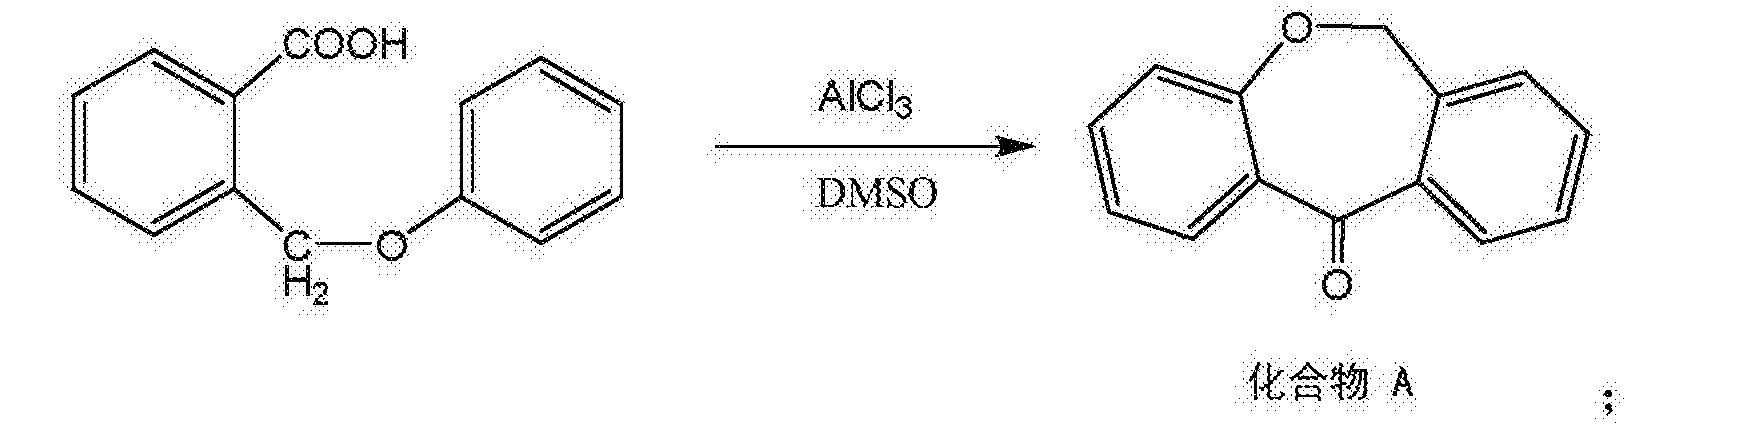 Figure CN105330638AC00024